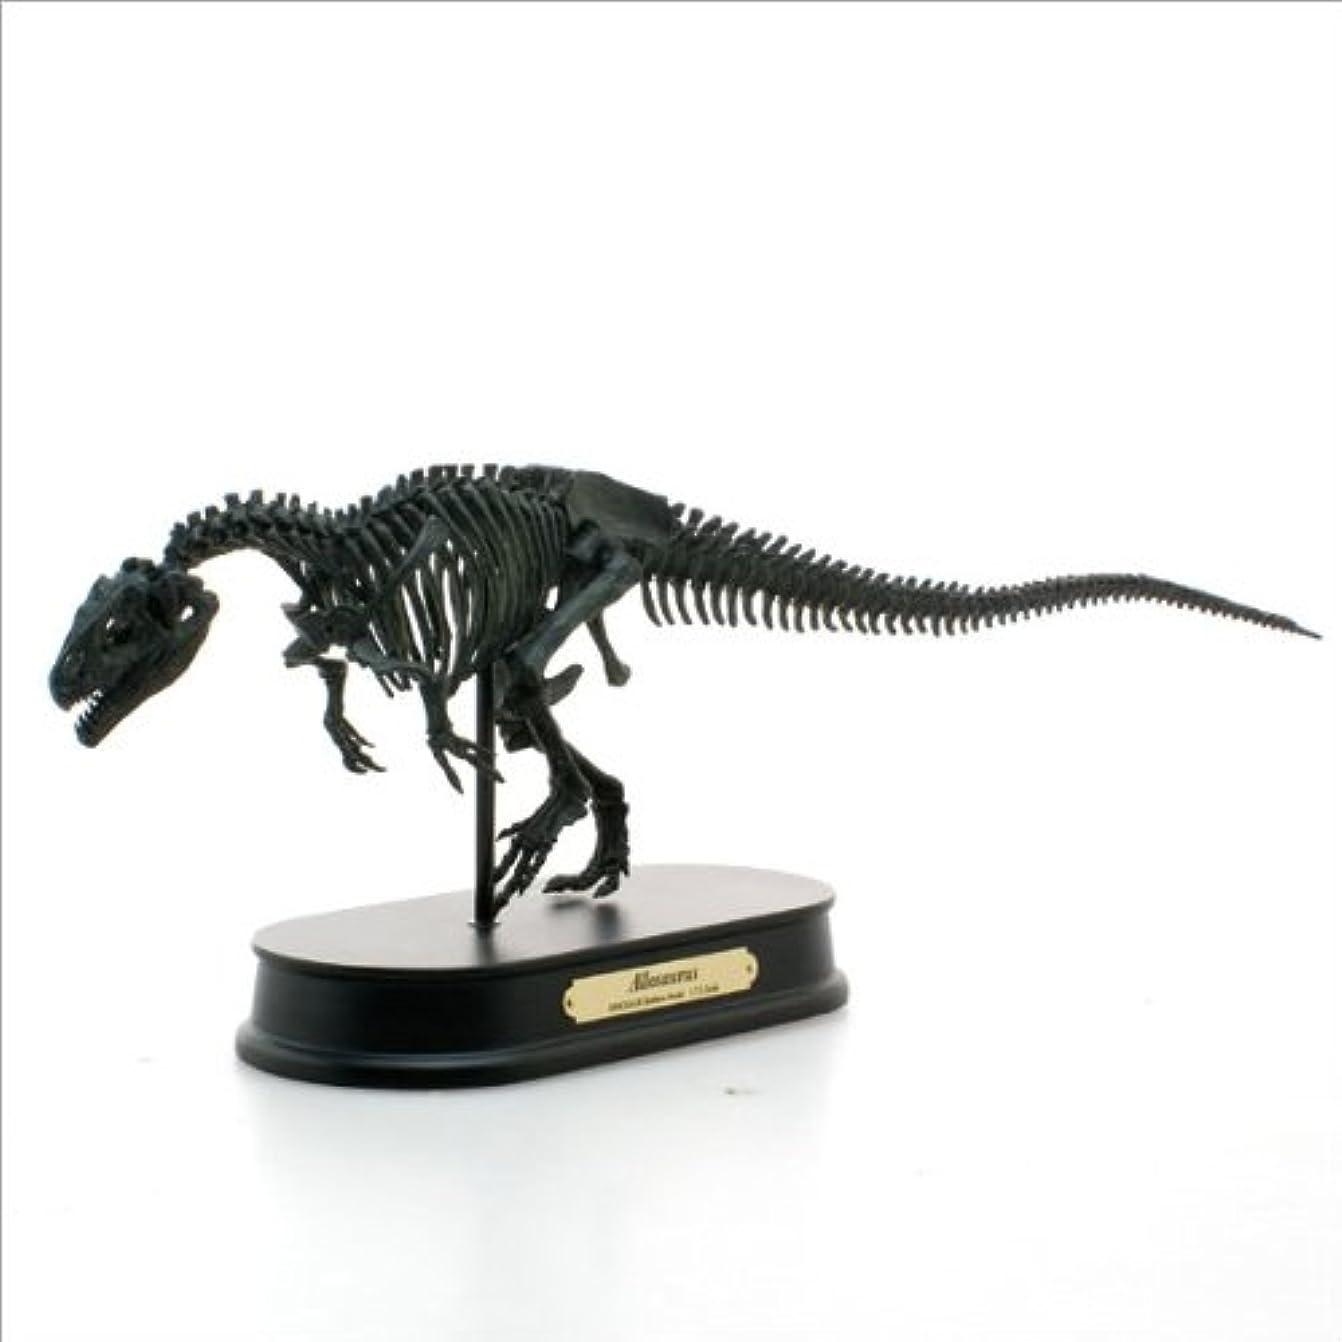 経済的ストライク信条FAVORITE(フェバリット) 恐竜フィギュア スケルトンモデル アロサウルス